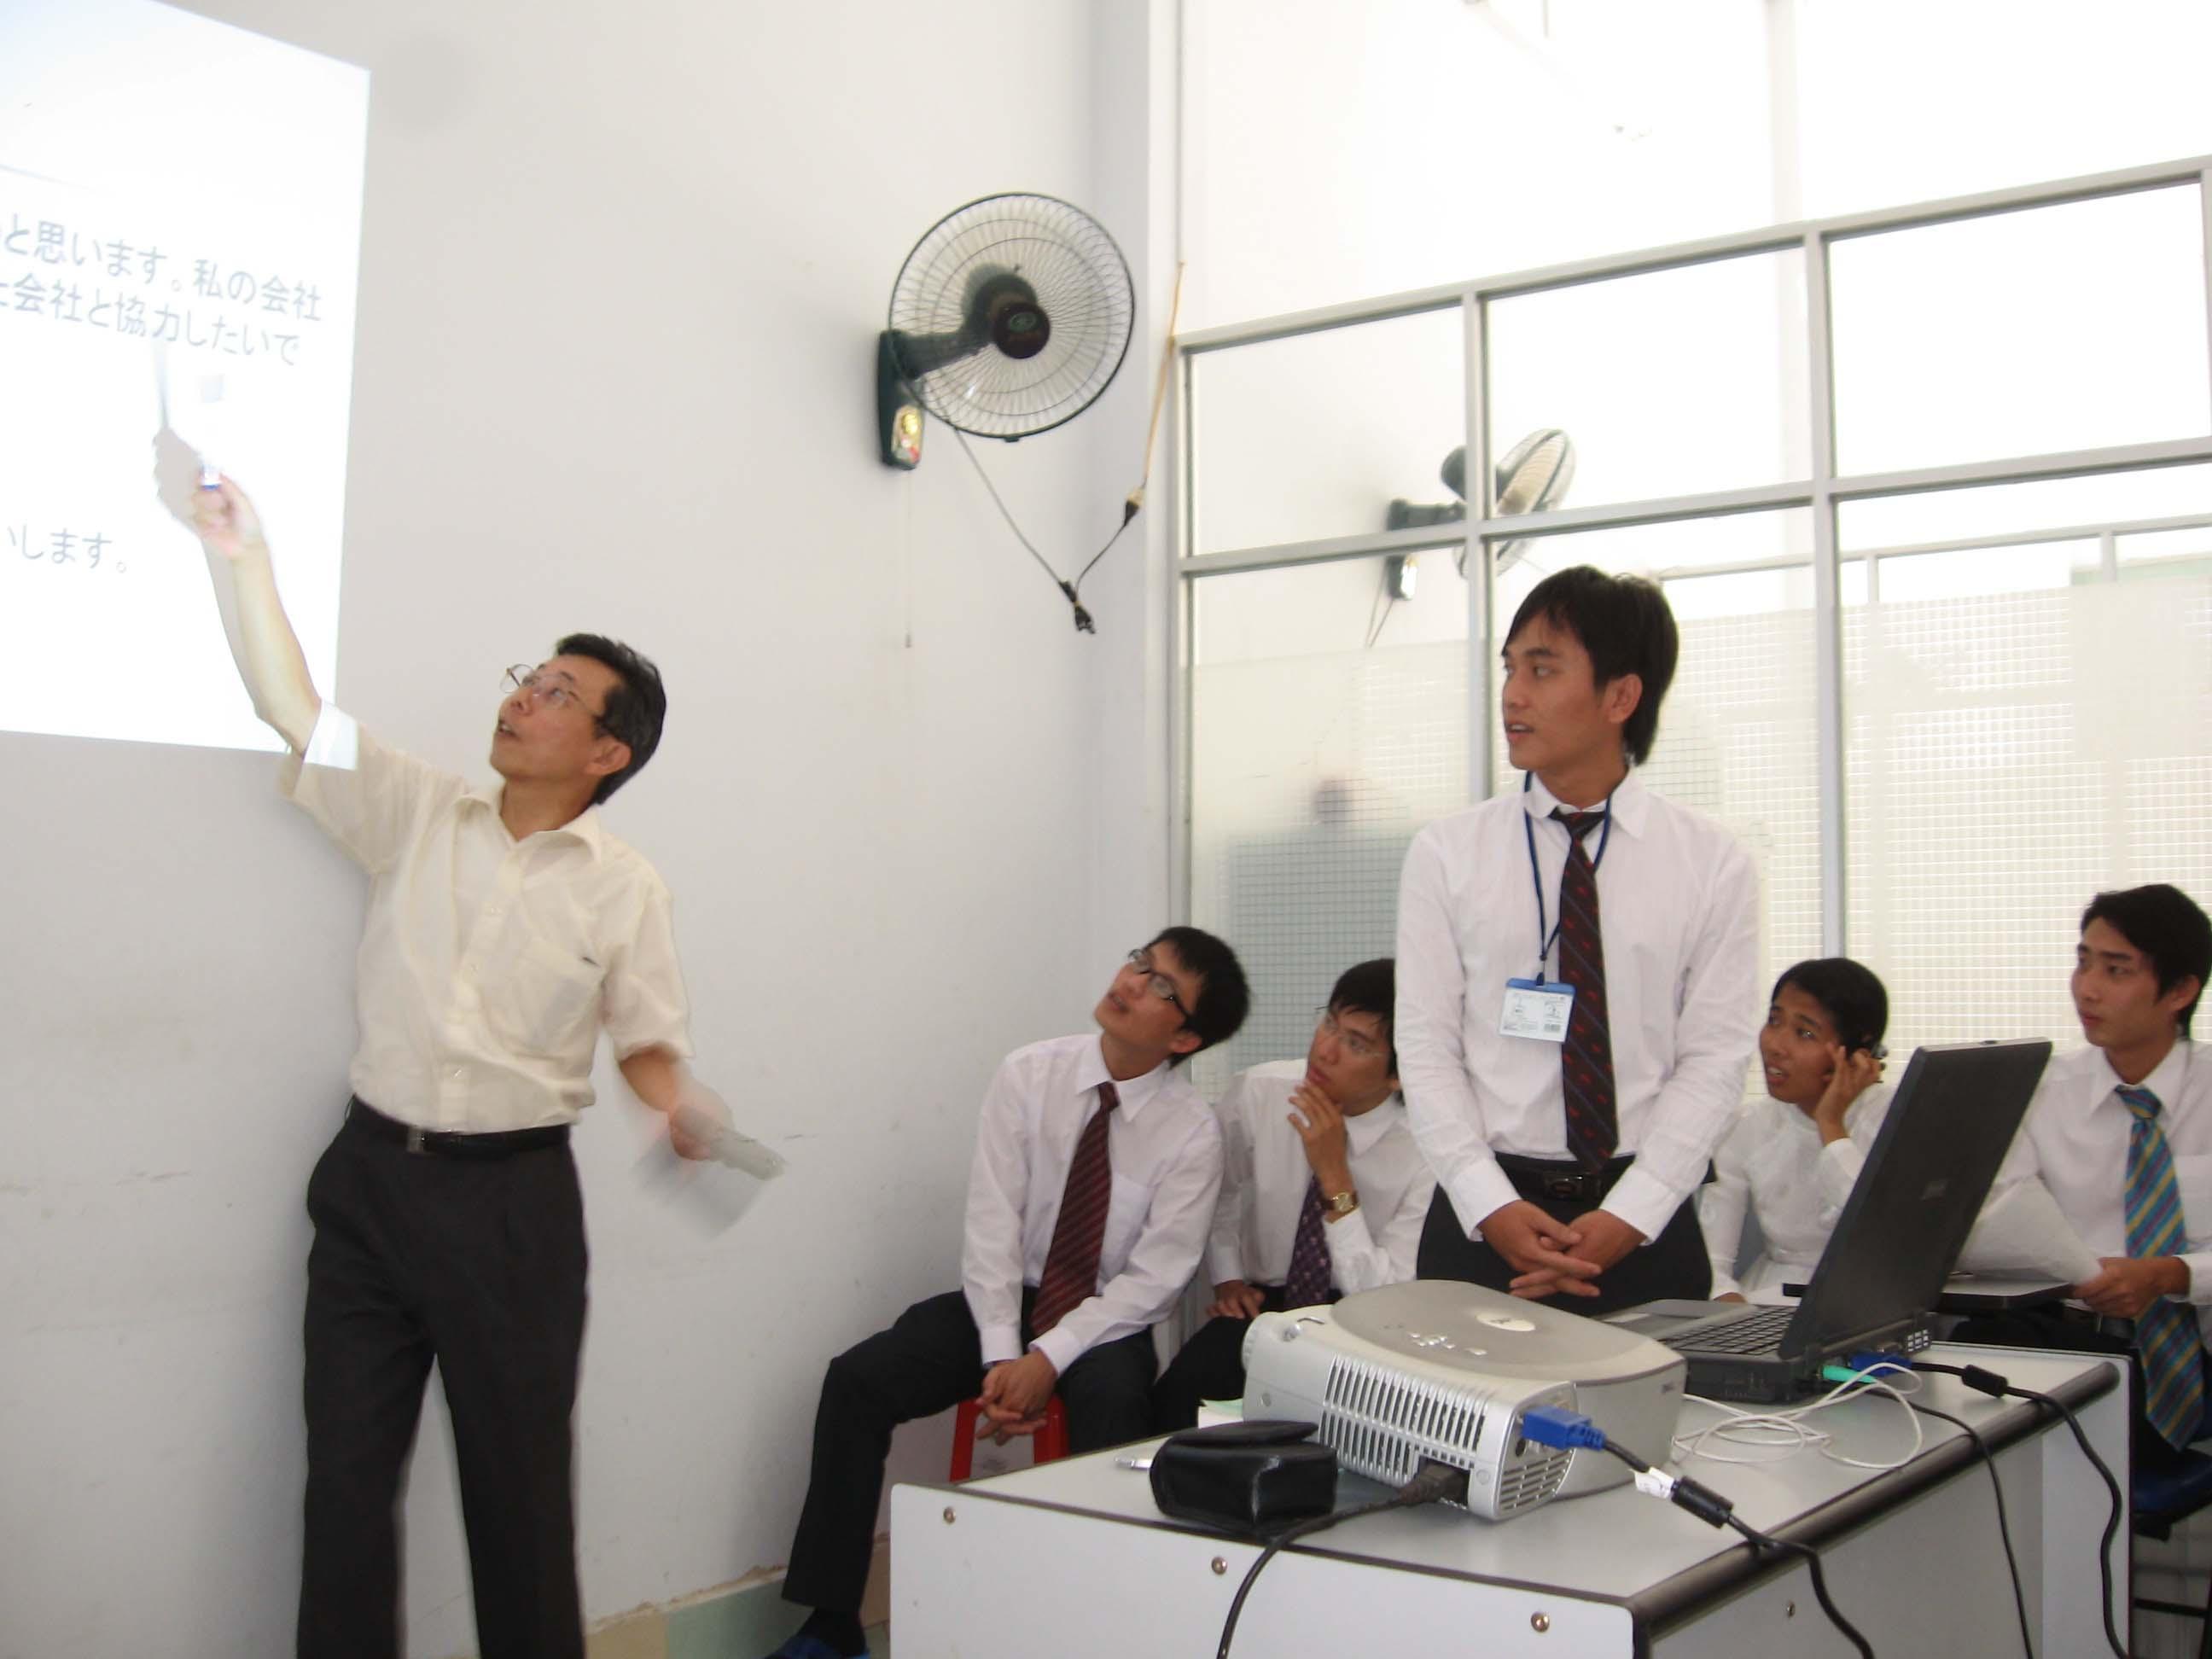 Hình ảnh về lớp học tiếng Nhật